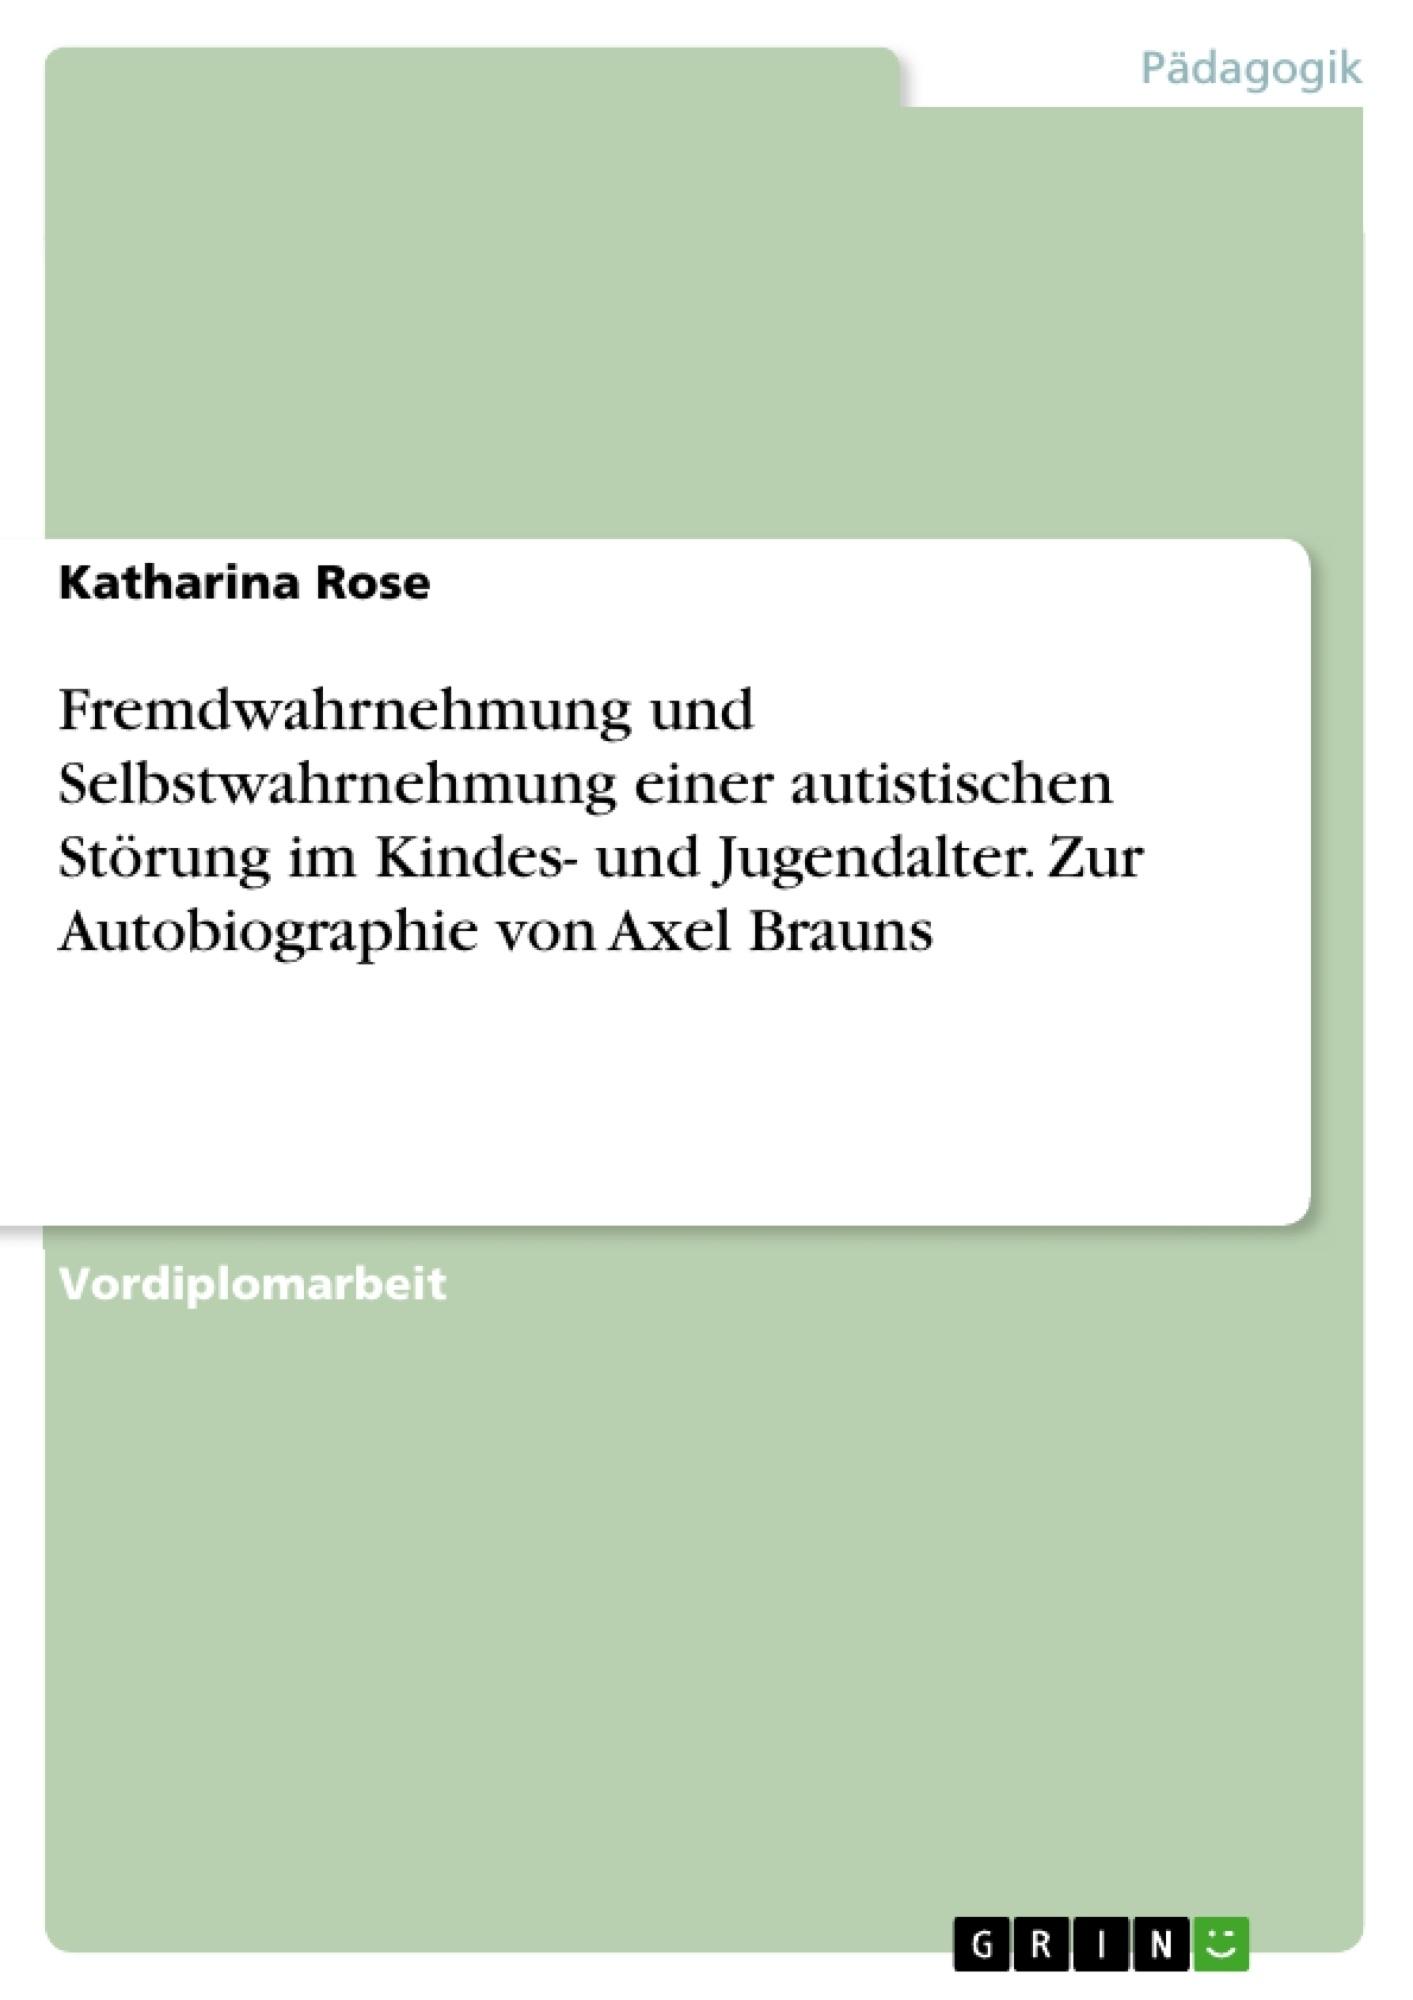 Titel: Fremdwahrnehmung und Selbstwahrnehmung einer autistischen Störung im Kindes- und Jugendalter. Zur Autobiographie von Axel Brauns